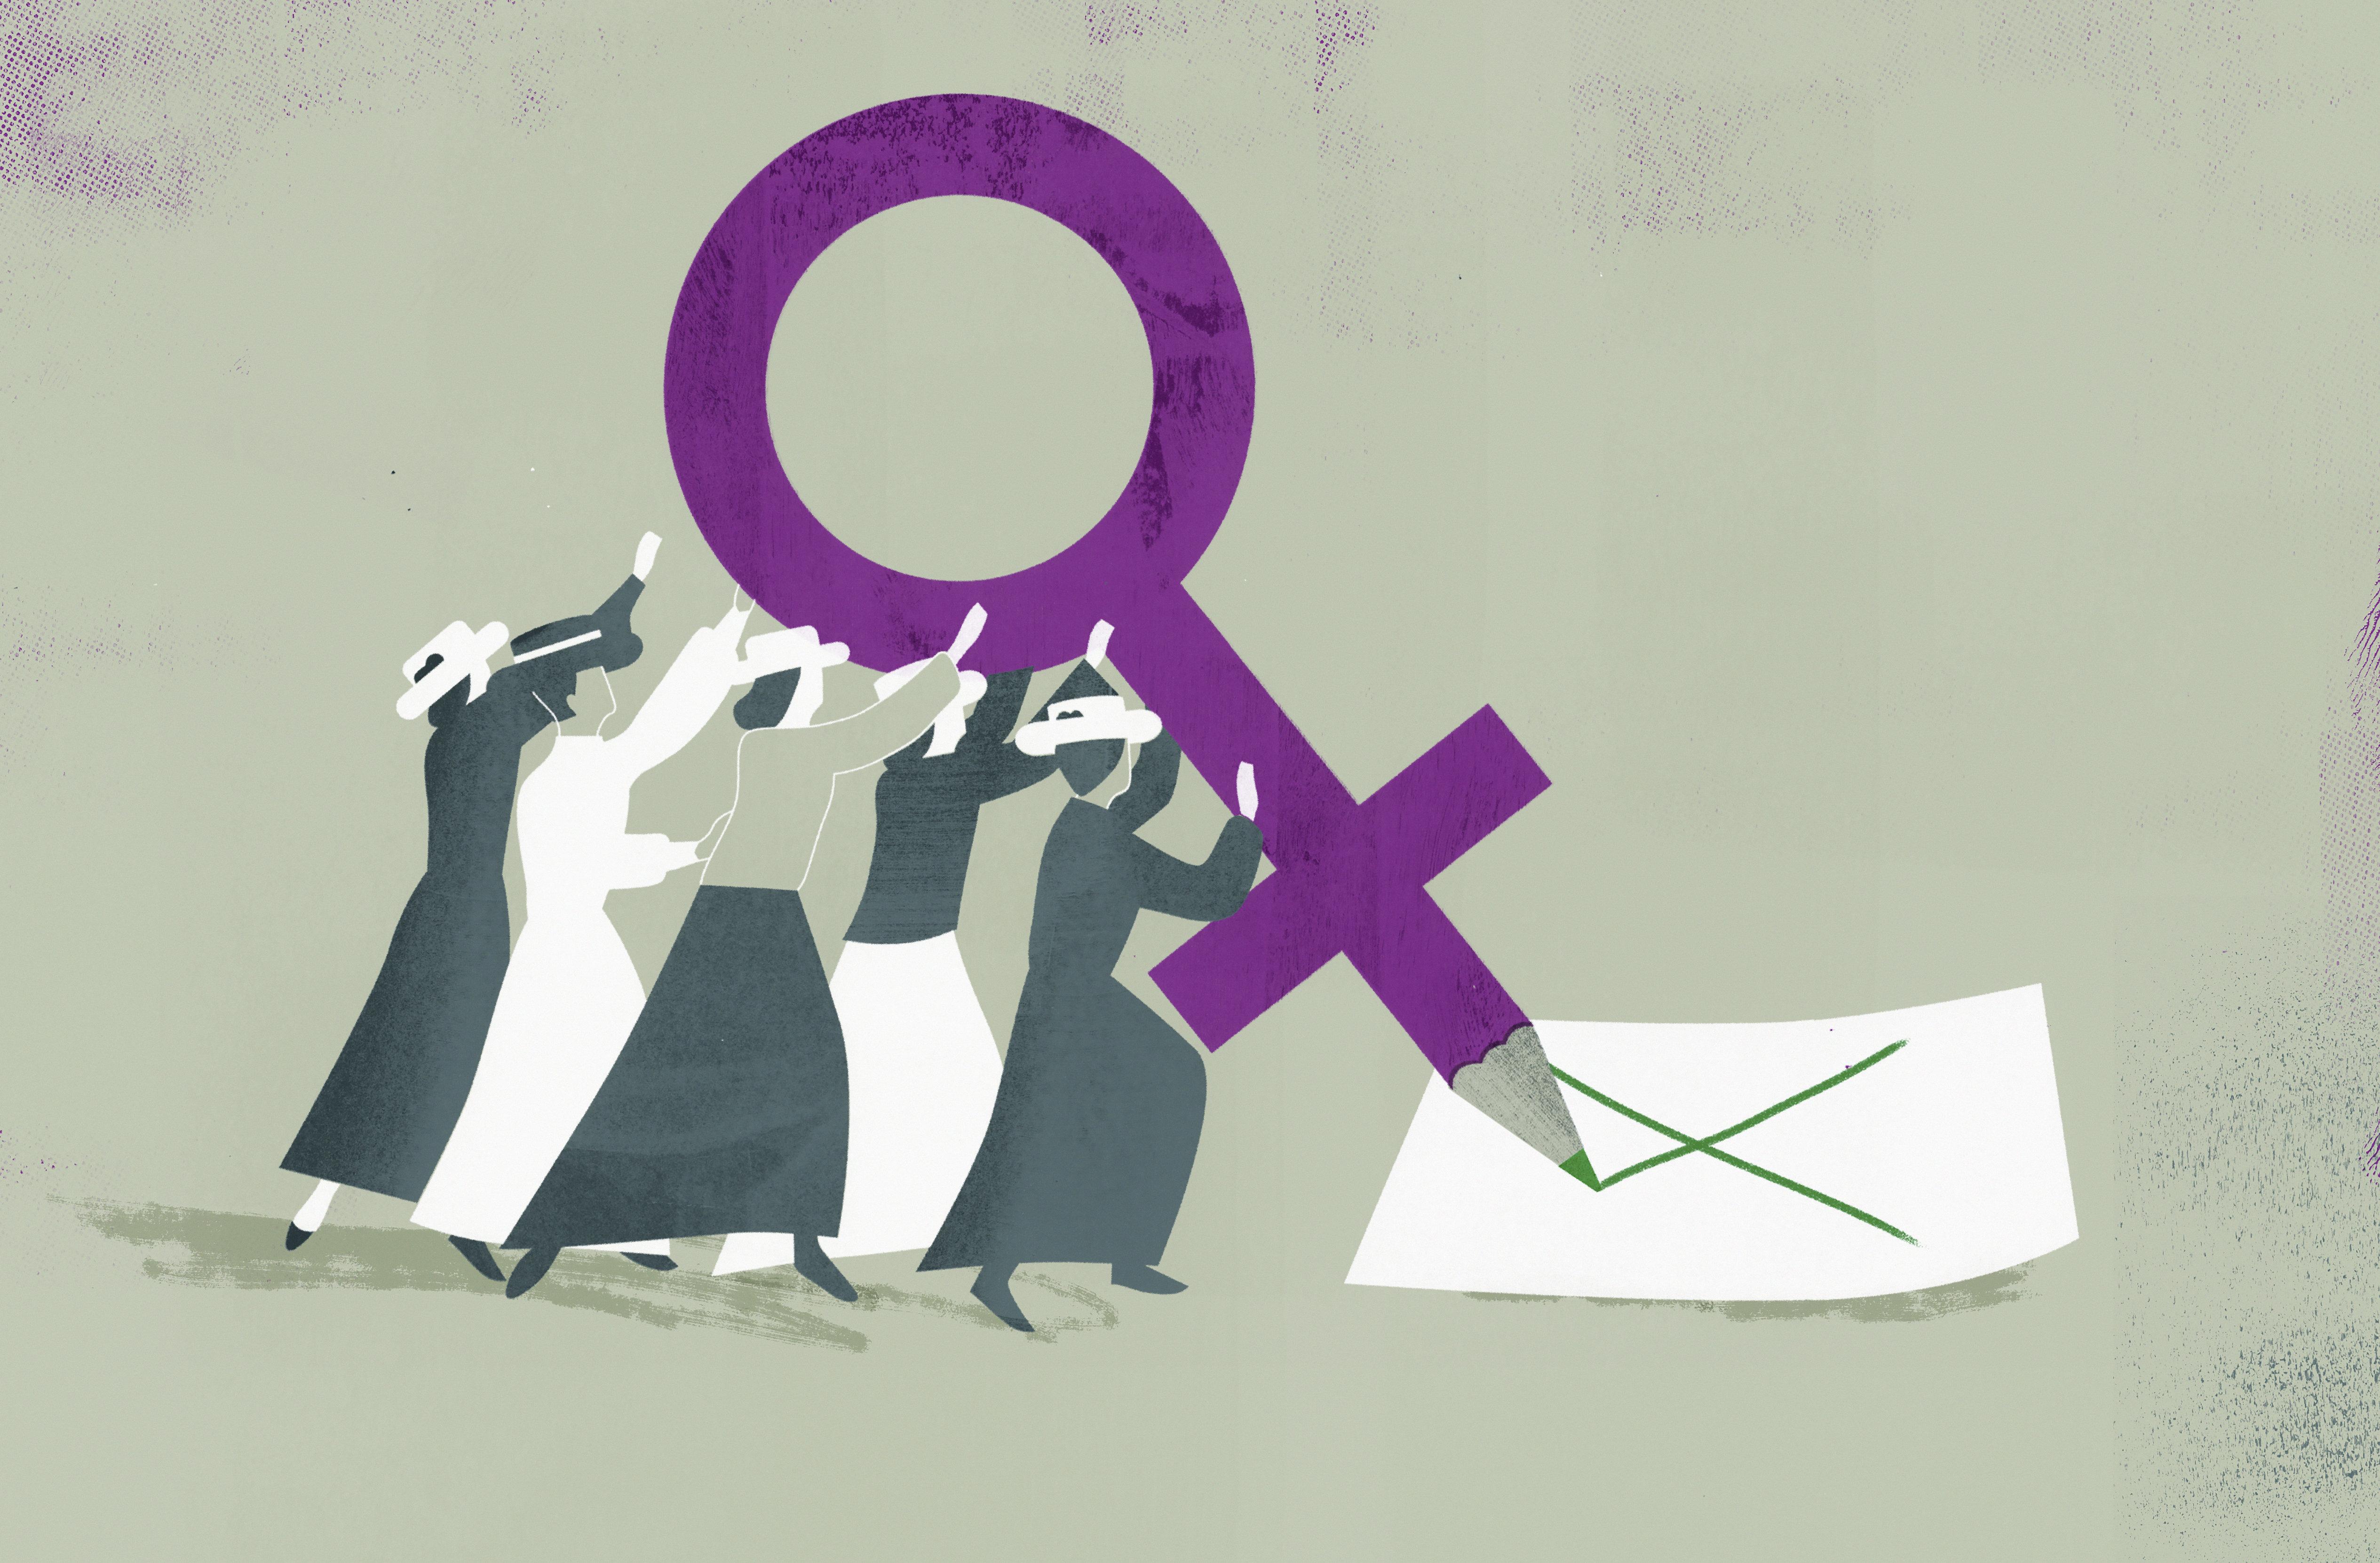 한국의 여성인권, 블랙코미디 수준의 법부터 바꿔야